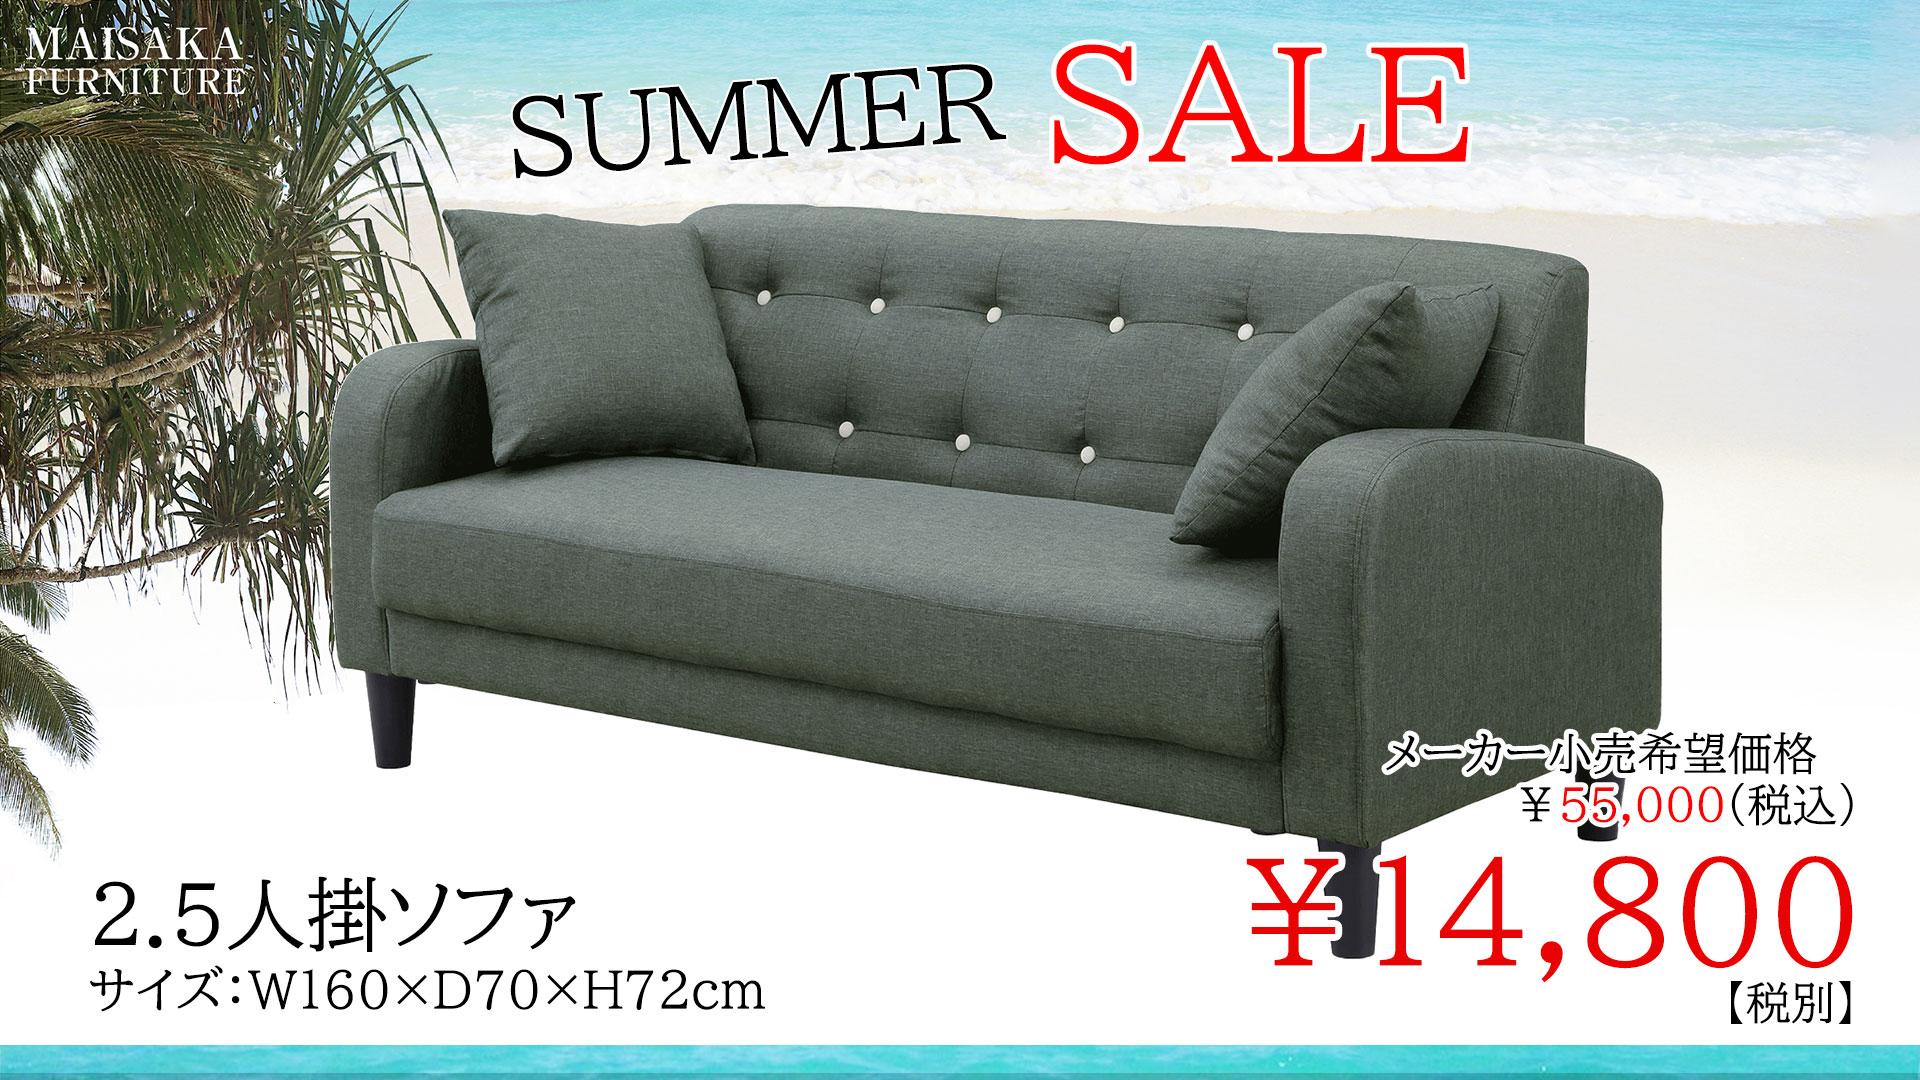 マイサカ家具7月の夏のチラシの目玉商品の2.5人掛けソファの画像